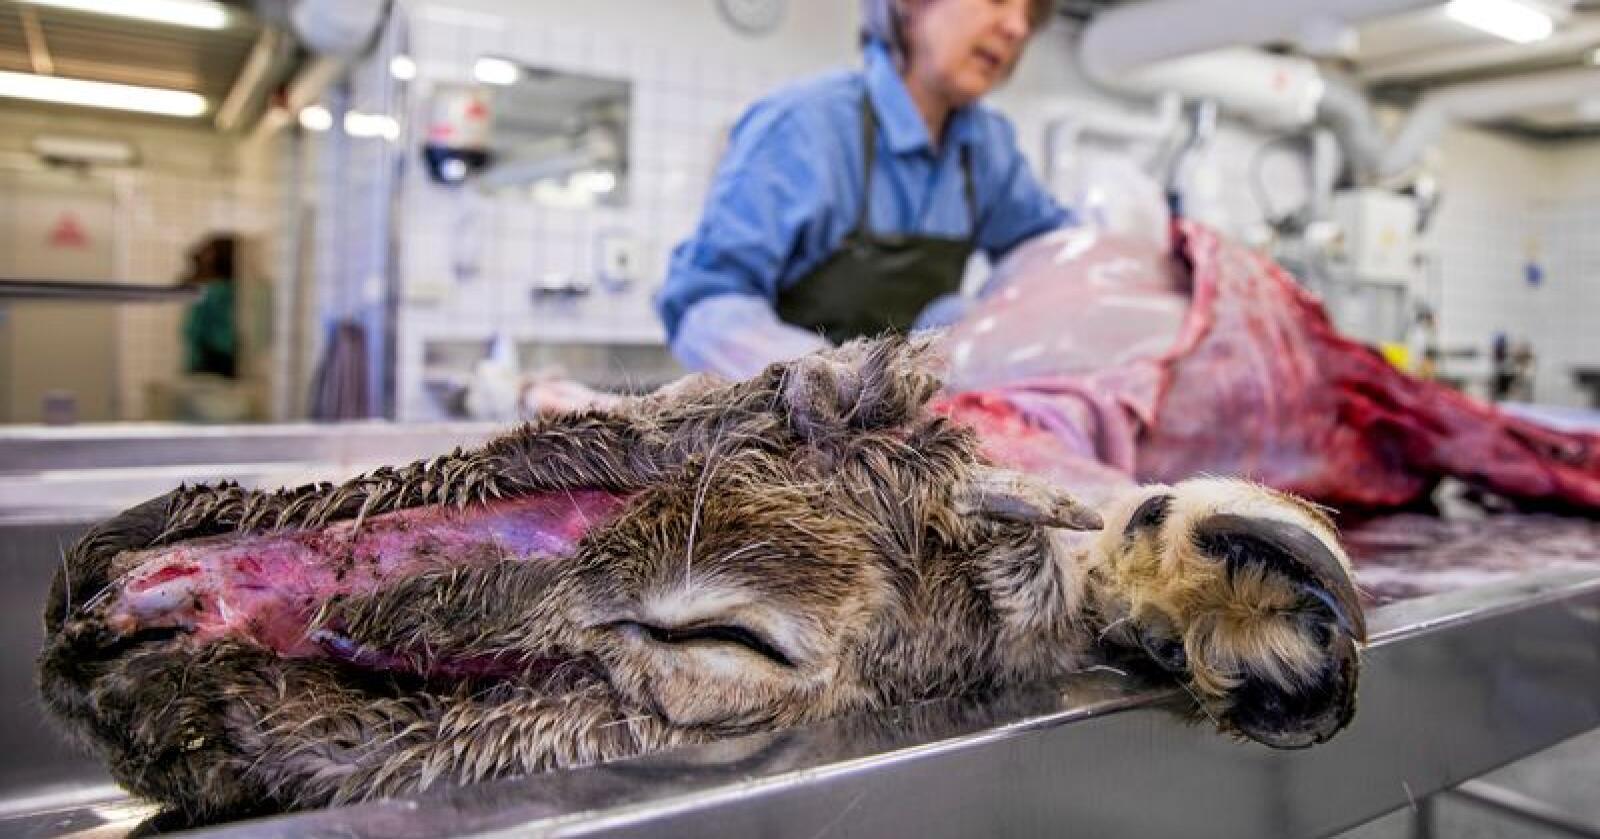 Veterinærinstituttet har testet 90.000 hjortedyr for skrantesyke siden 2016. Foto: Tore Meek / NTB scanpix